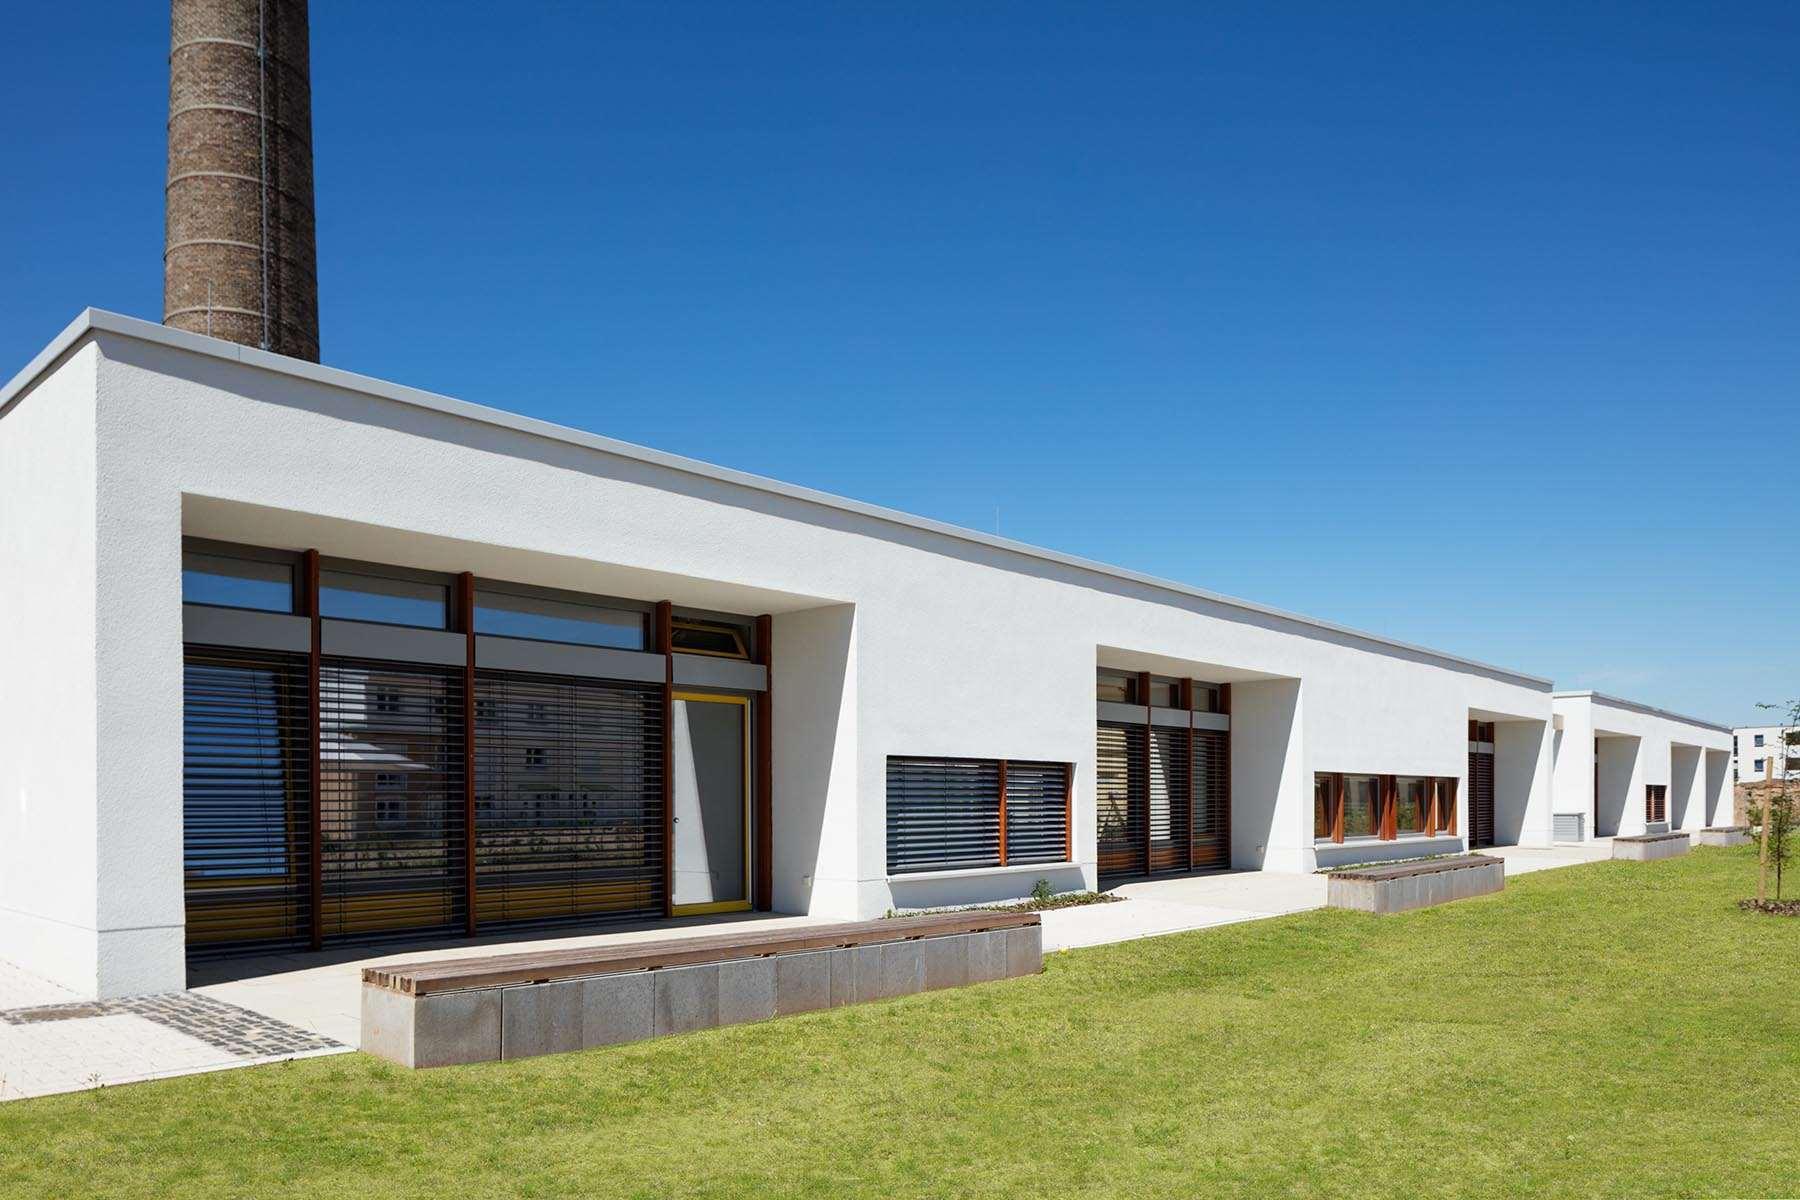 raum z architekten frankfurt am main architekten baunetz architekten profil. Black Bedroom Furniture Sets. Home Design Ideas